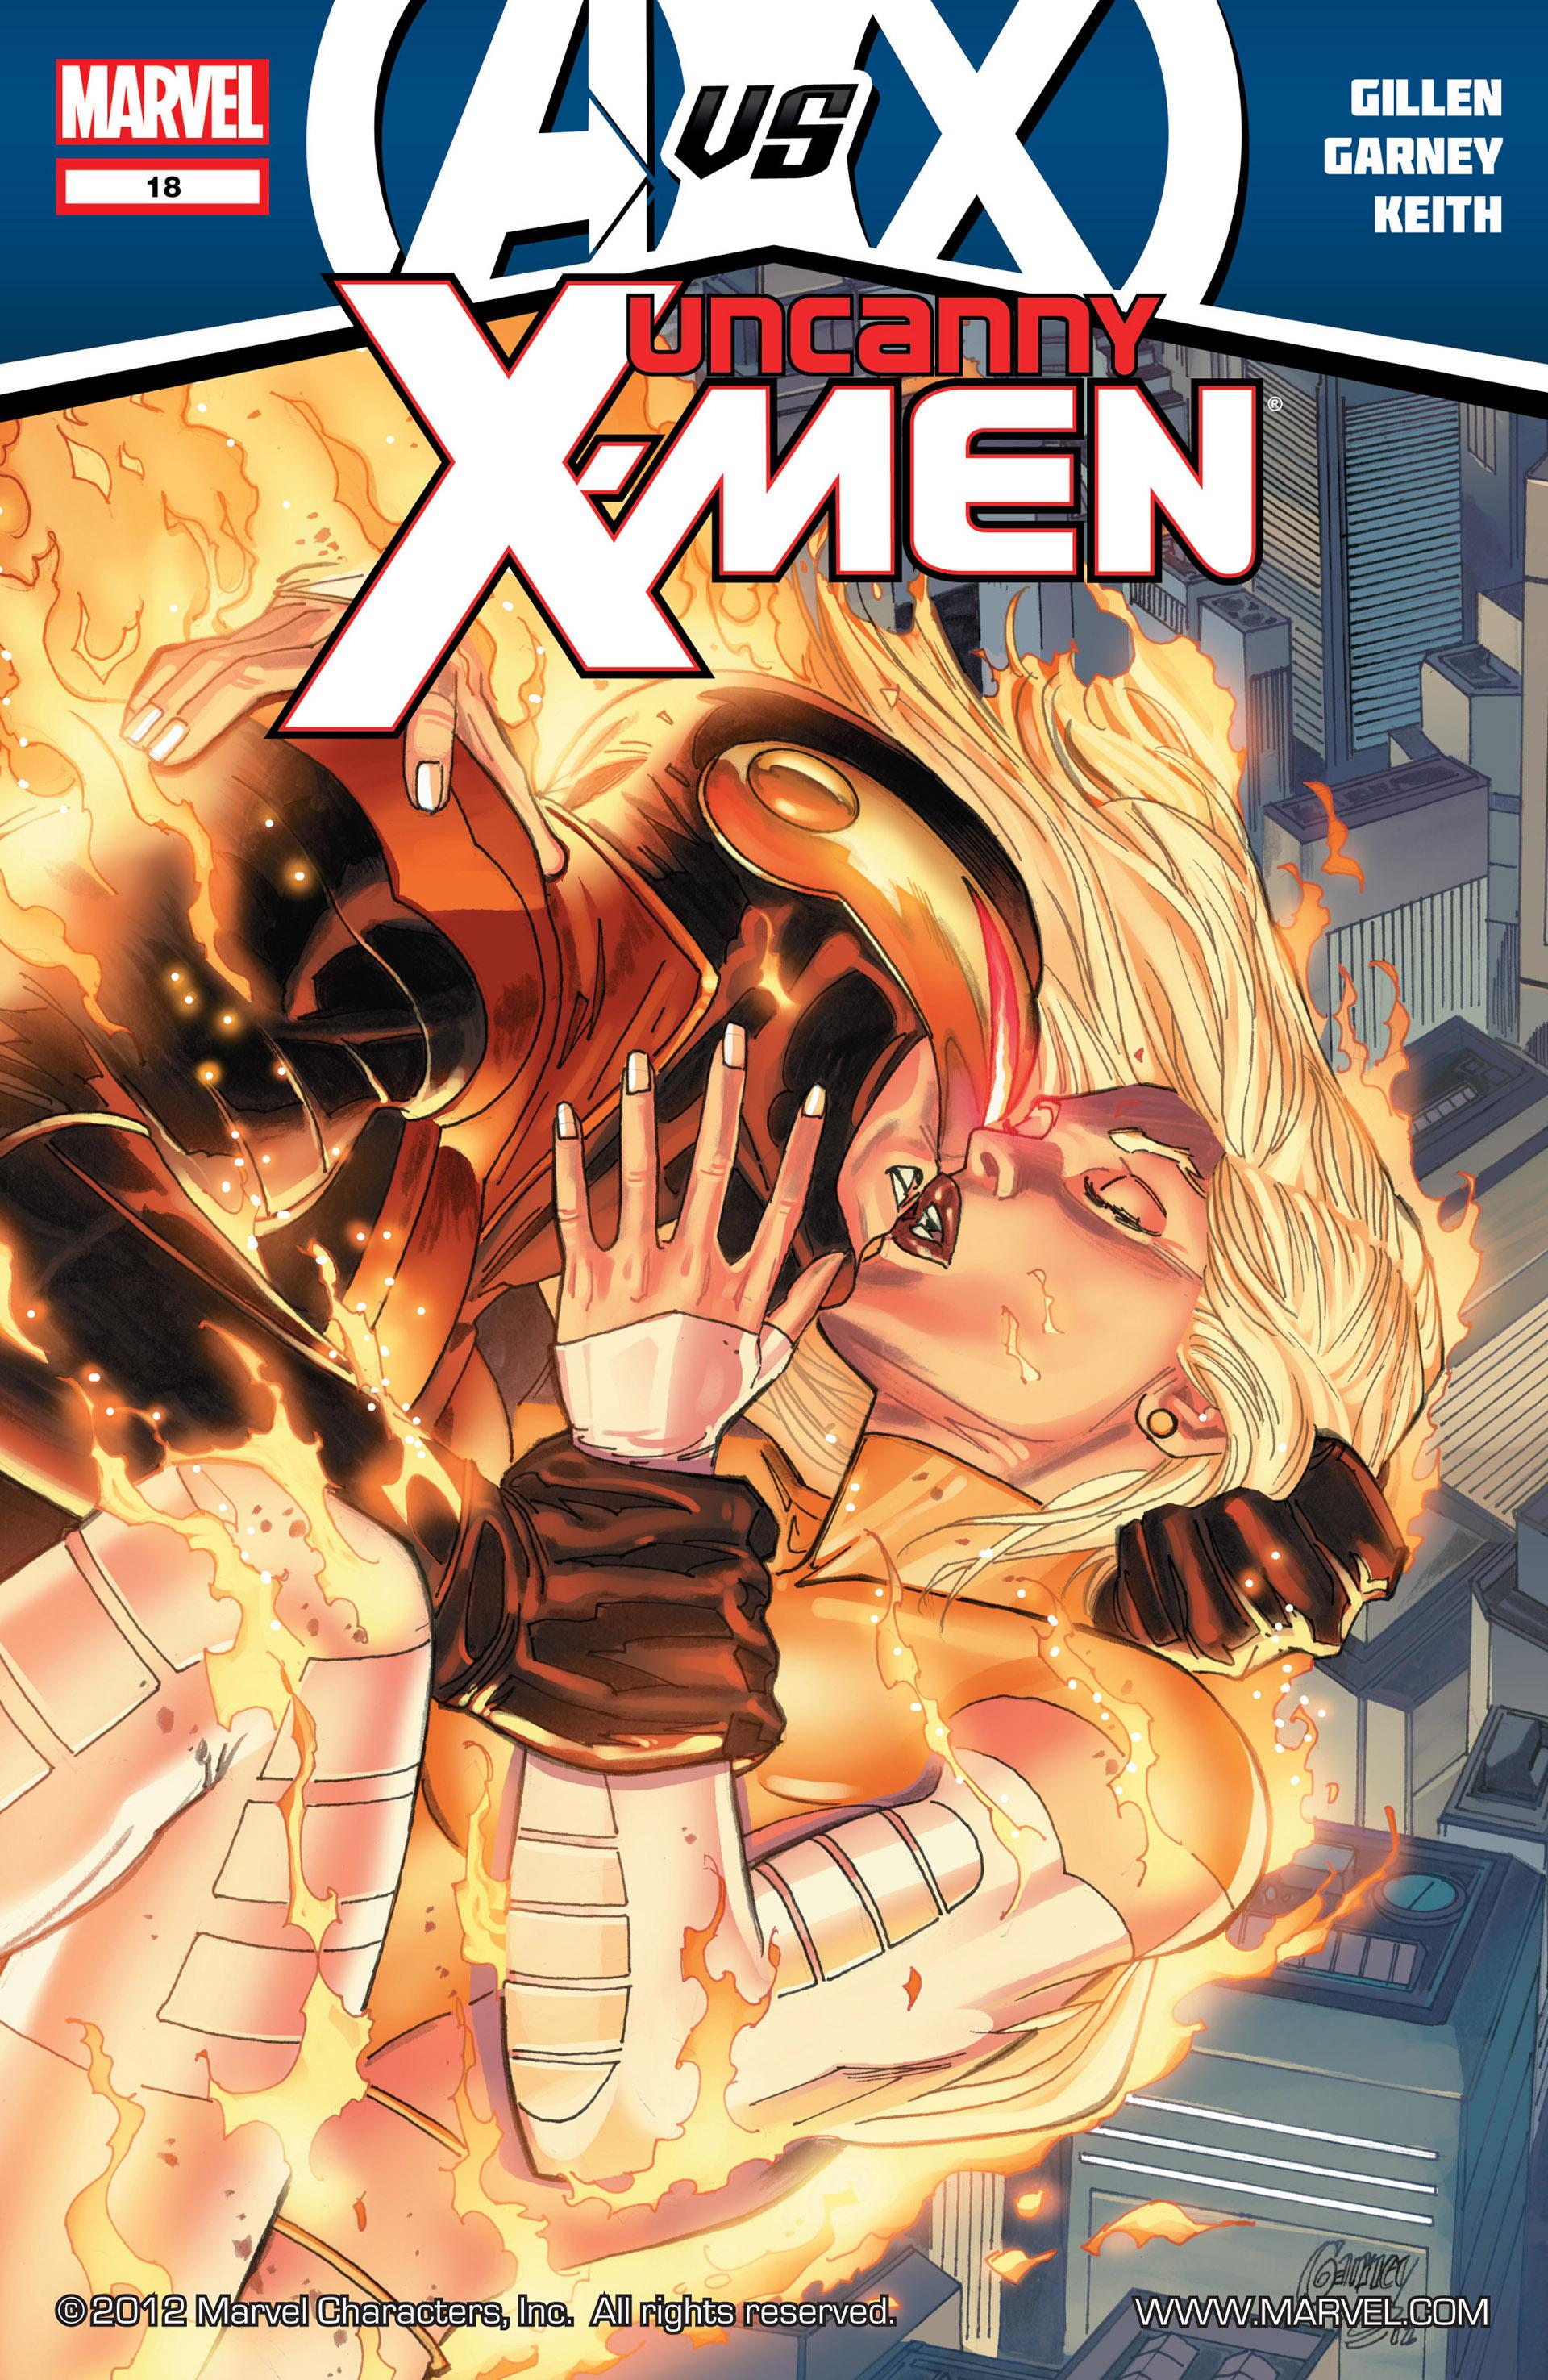 Uncanny X-Men (2012) 18 Page 1